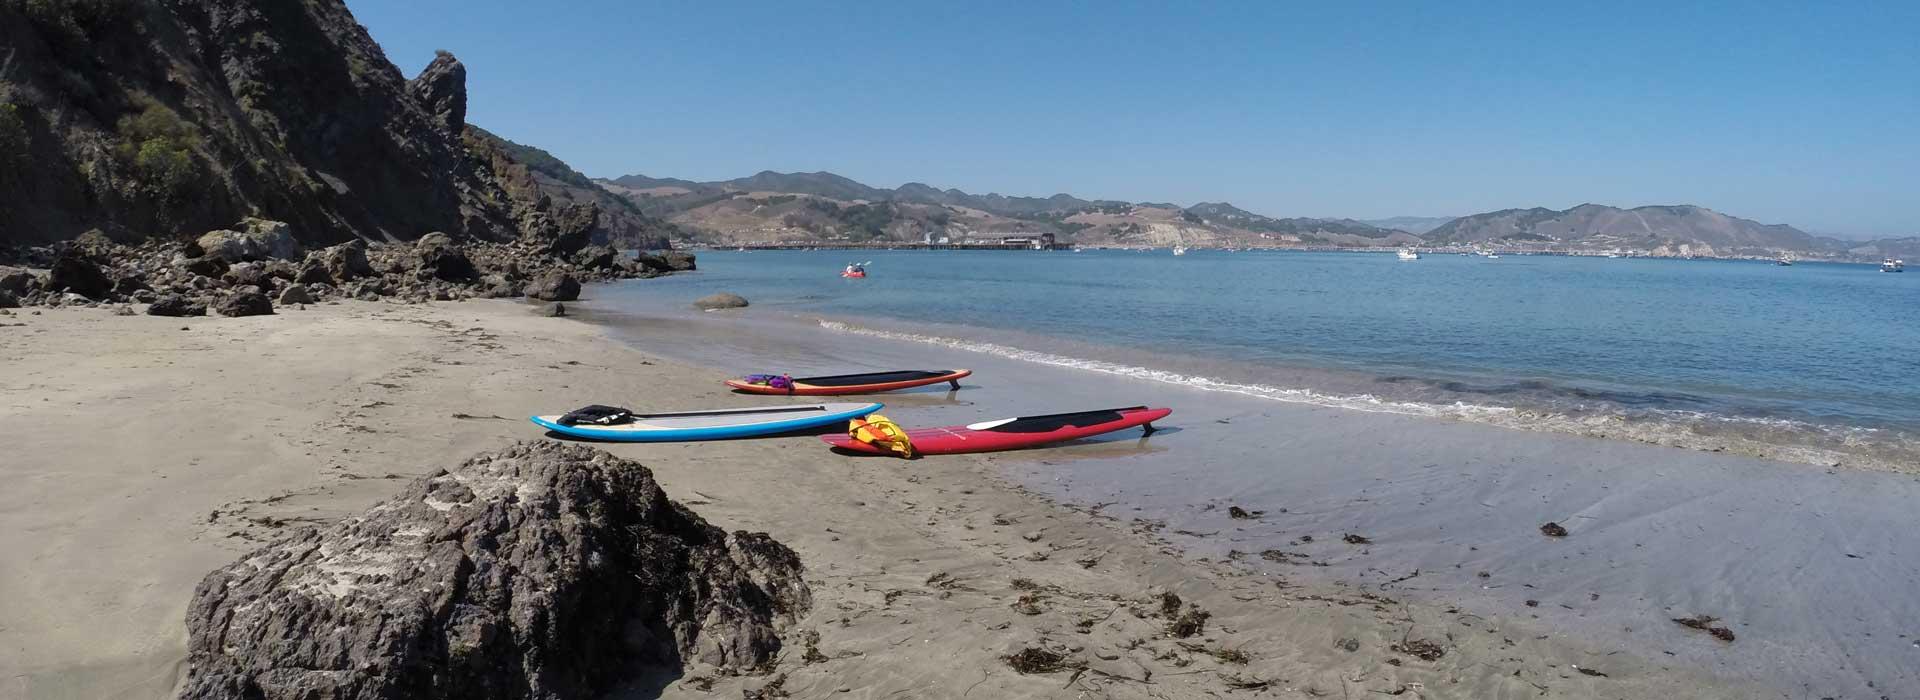 Morro Bay Vacation Rentals San Luis Obispo Vacation Homes